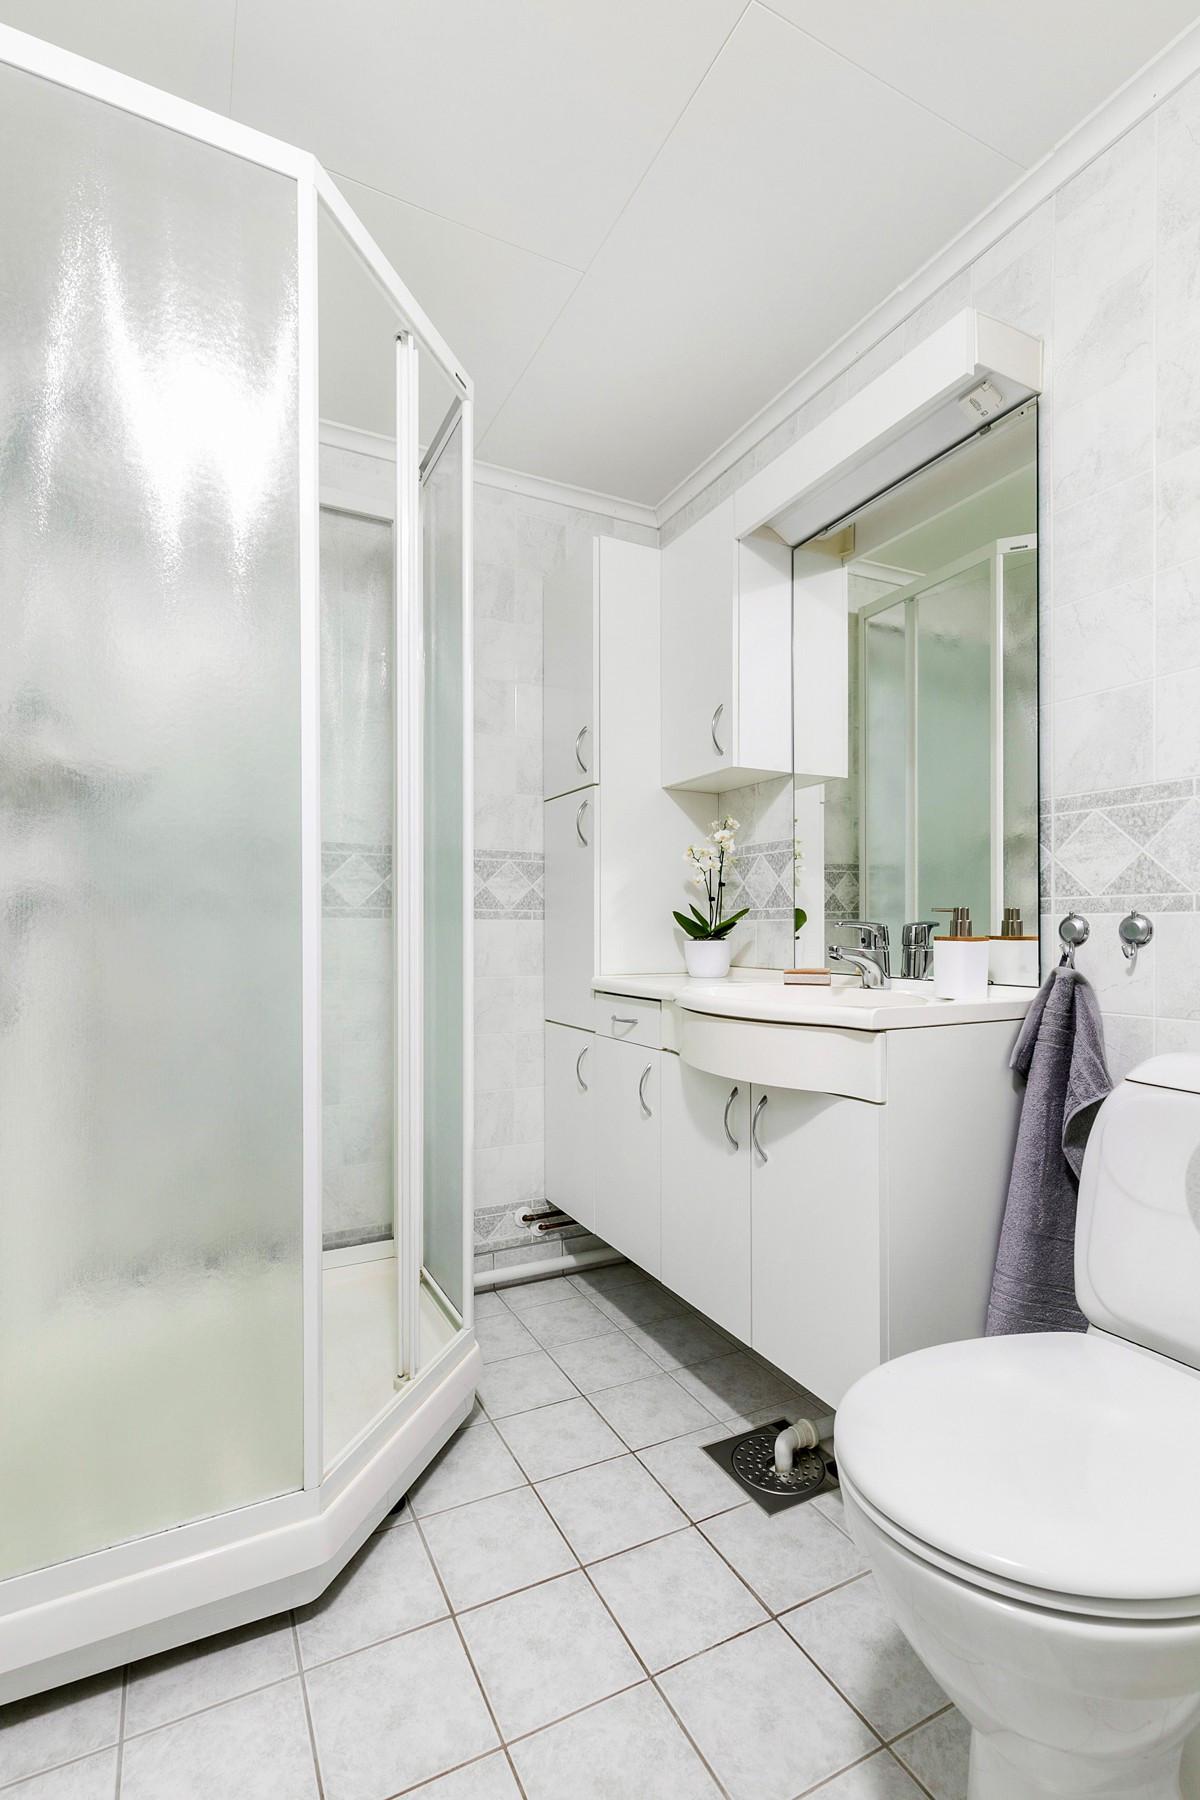 Bad med fliser på gulv og våtromspanel på vegger - varmekabler